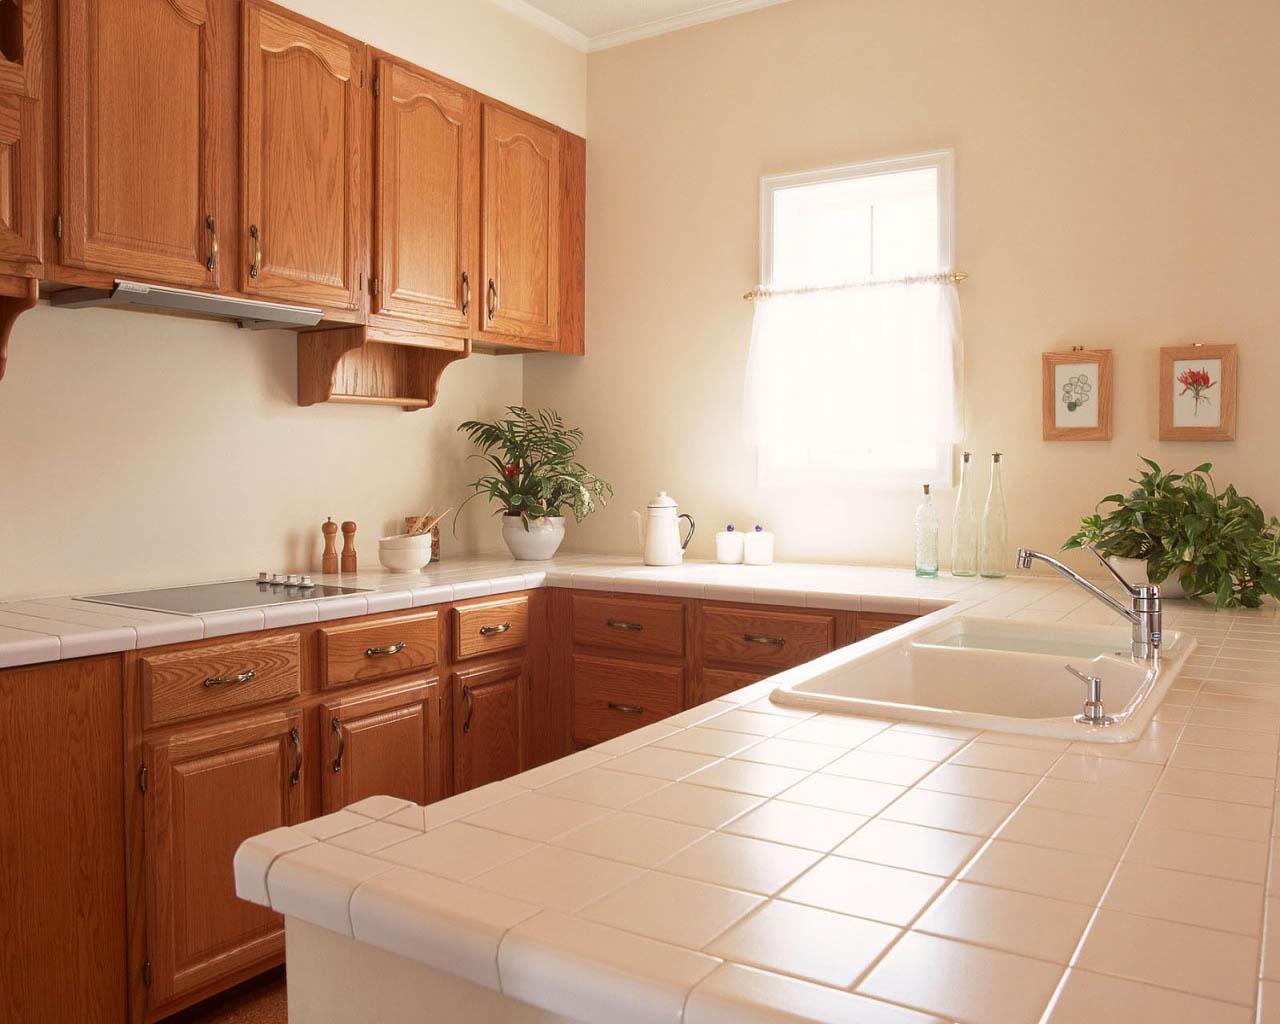 Столешница из плитки может легко и быстро вытираться. Также можно ставить поверх плитки подставки для горячих блюд